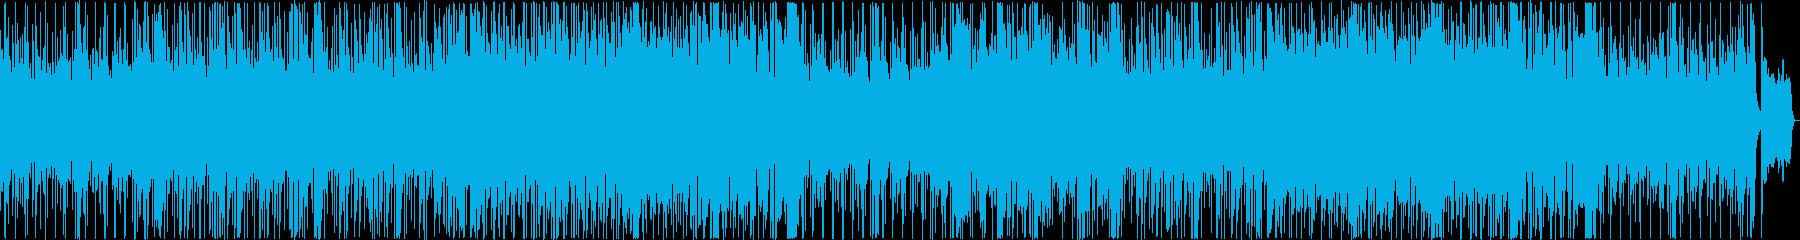 ナイロンギターはリラックスの元の再生済みの波形